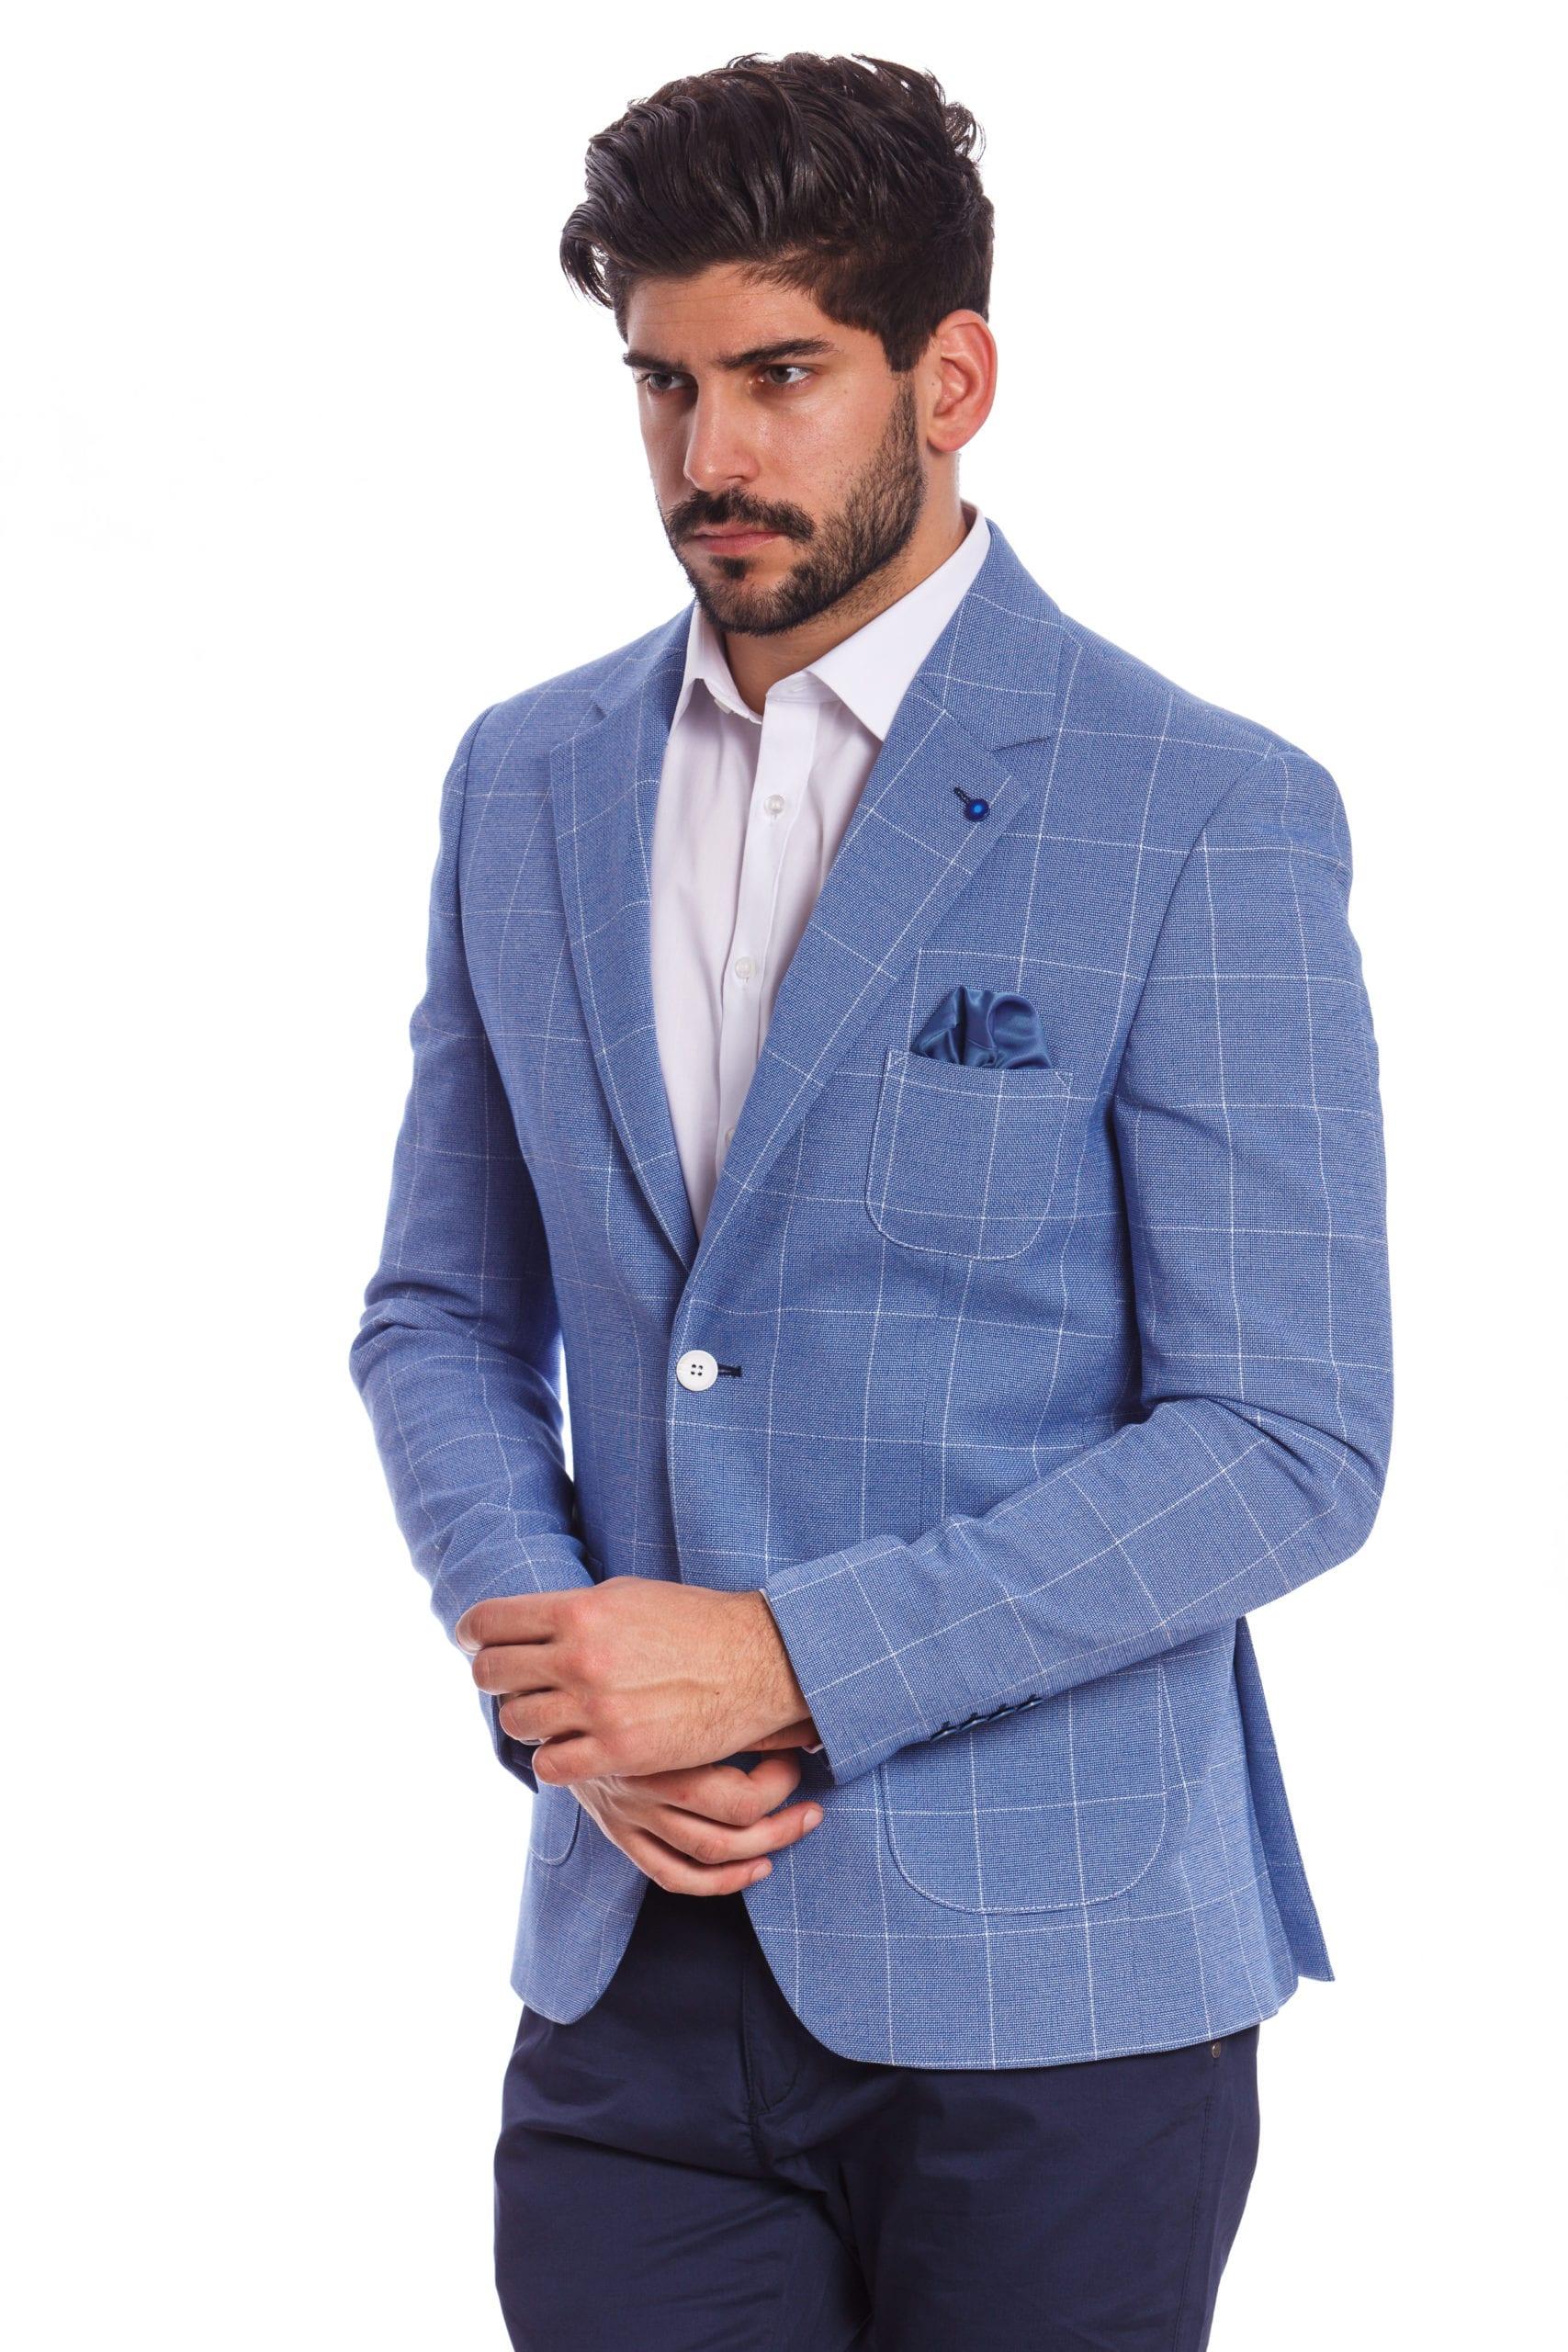 2f9dd1cc90 Bagheria Kék Kockás Slim Fit Sportzakó - Elite Fashion Öltönyház